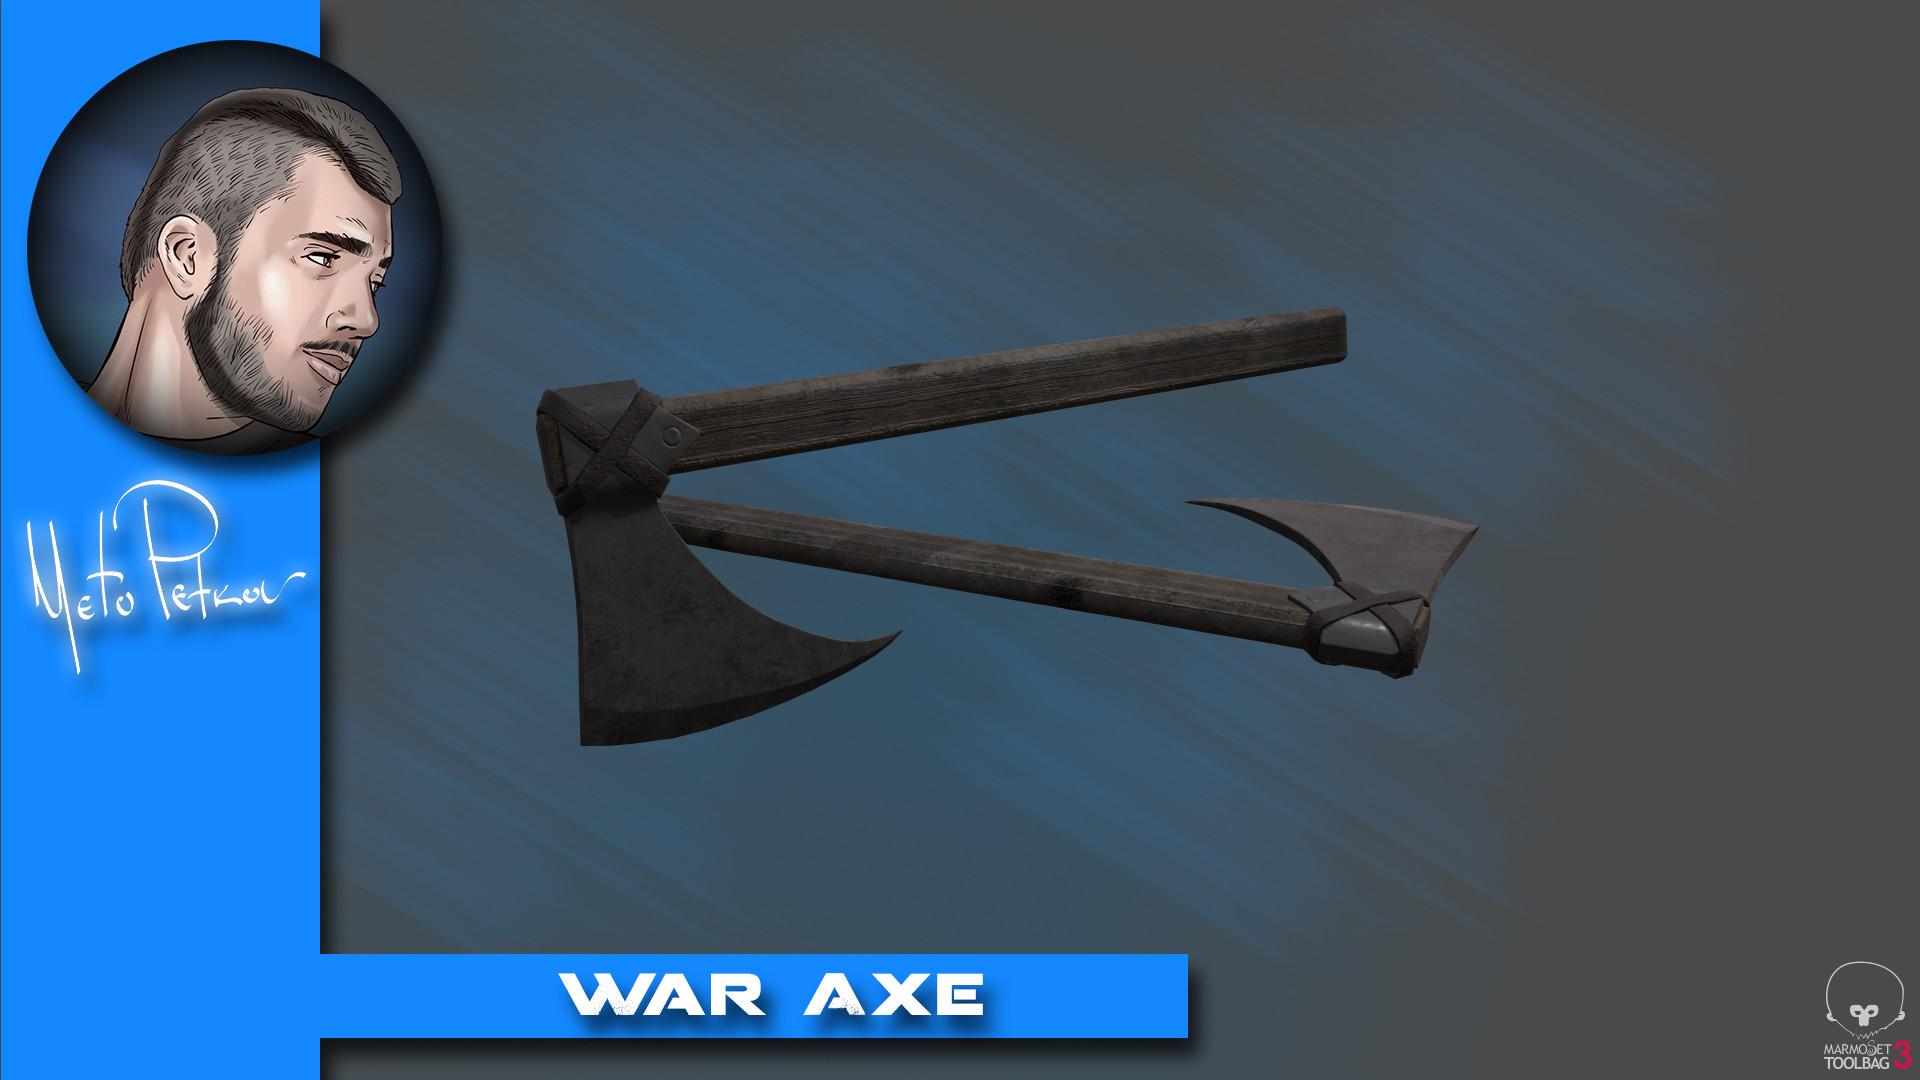 Meto petkov war axe